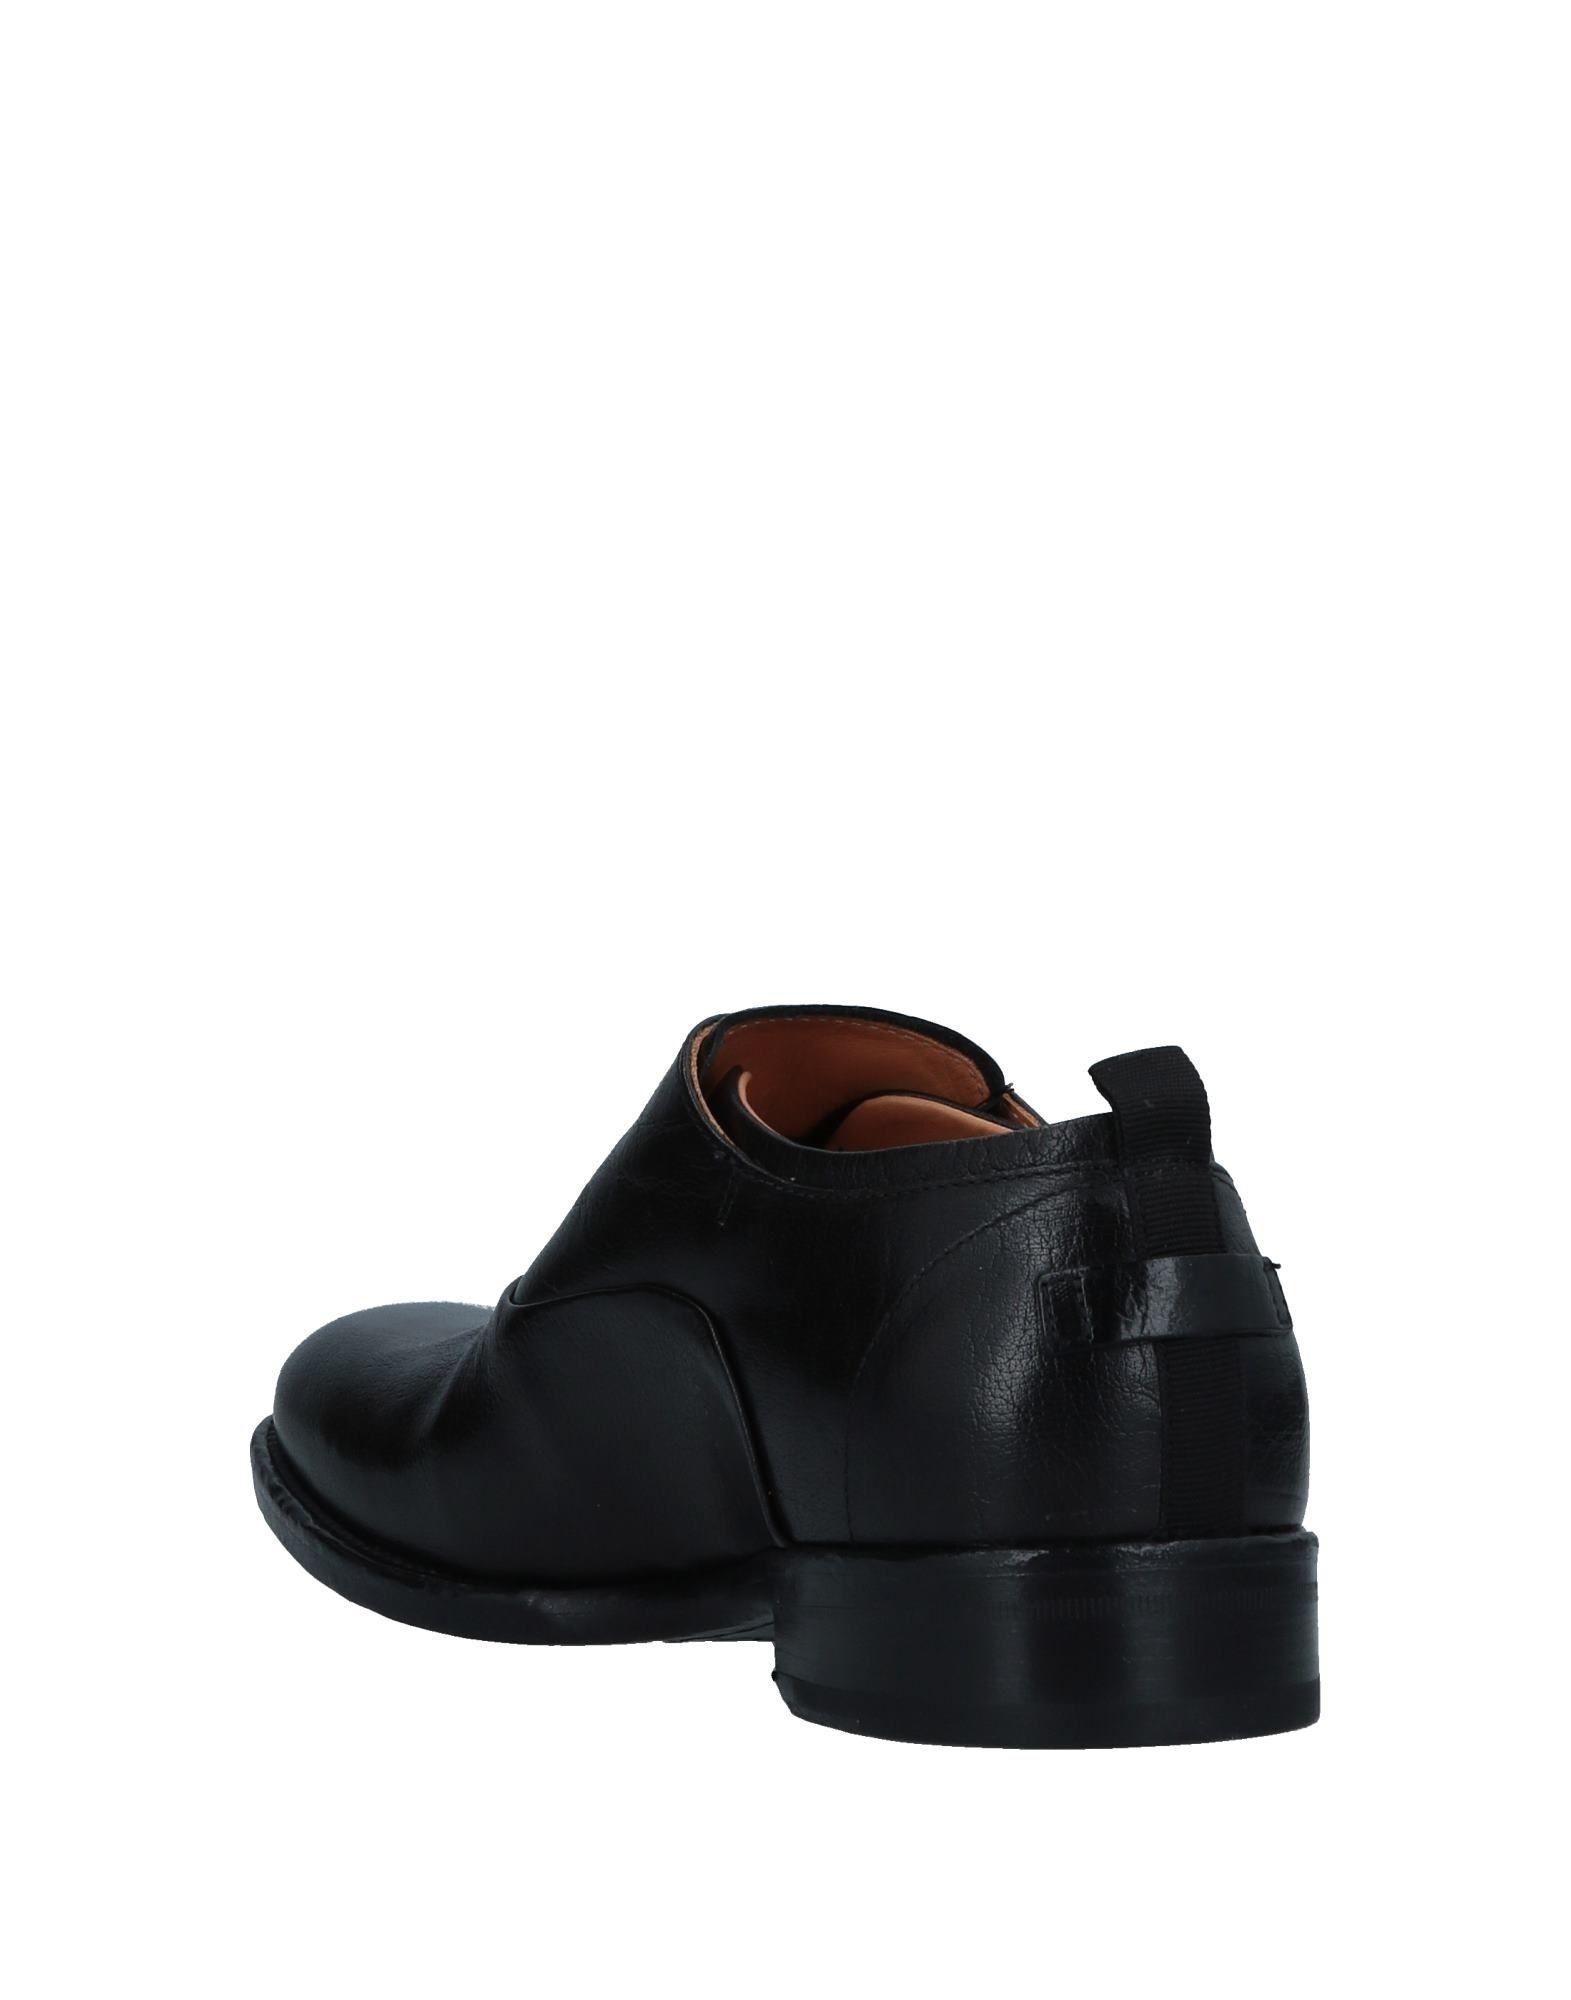 Barracuda Schnürschuhe Herren  11532226GX Gute Qualität beliebte Schuhe